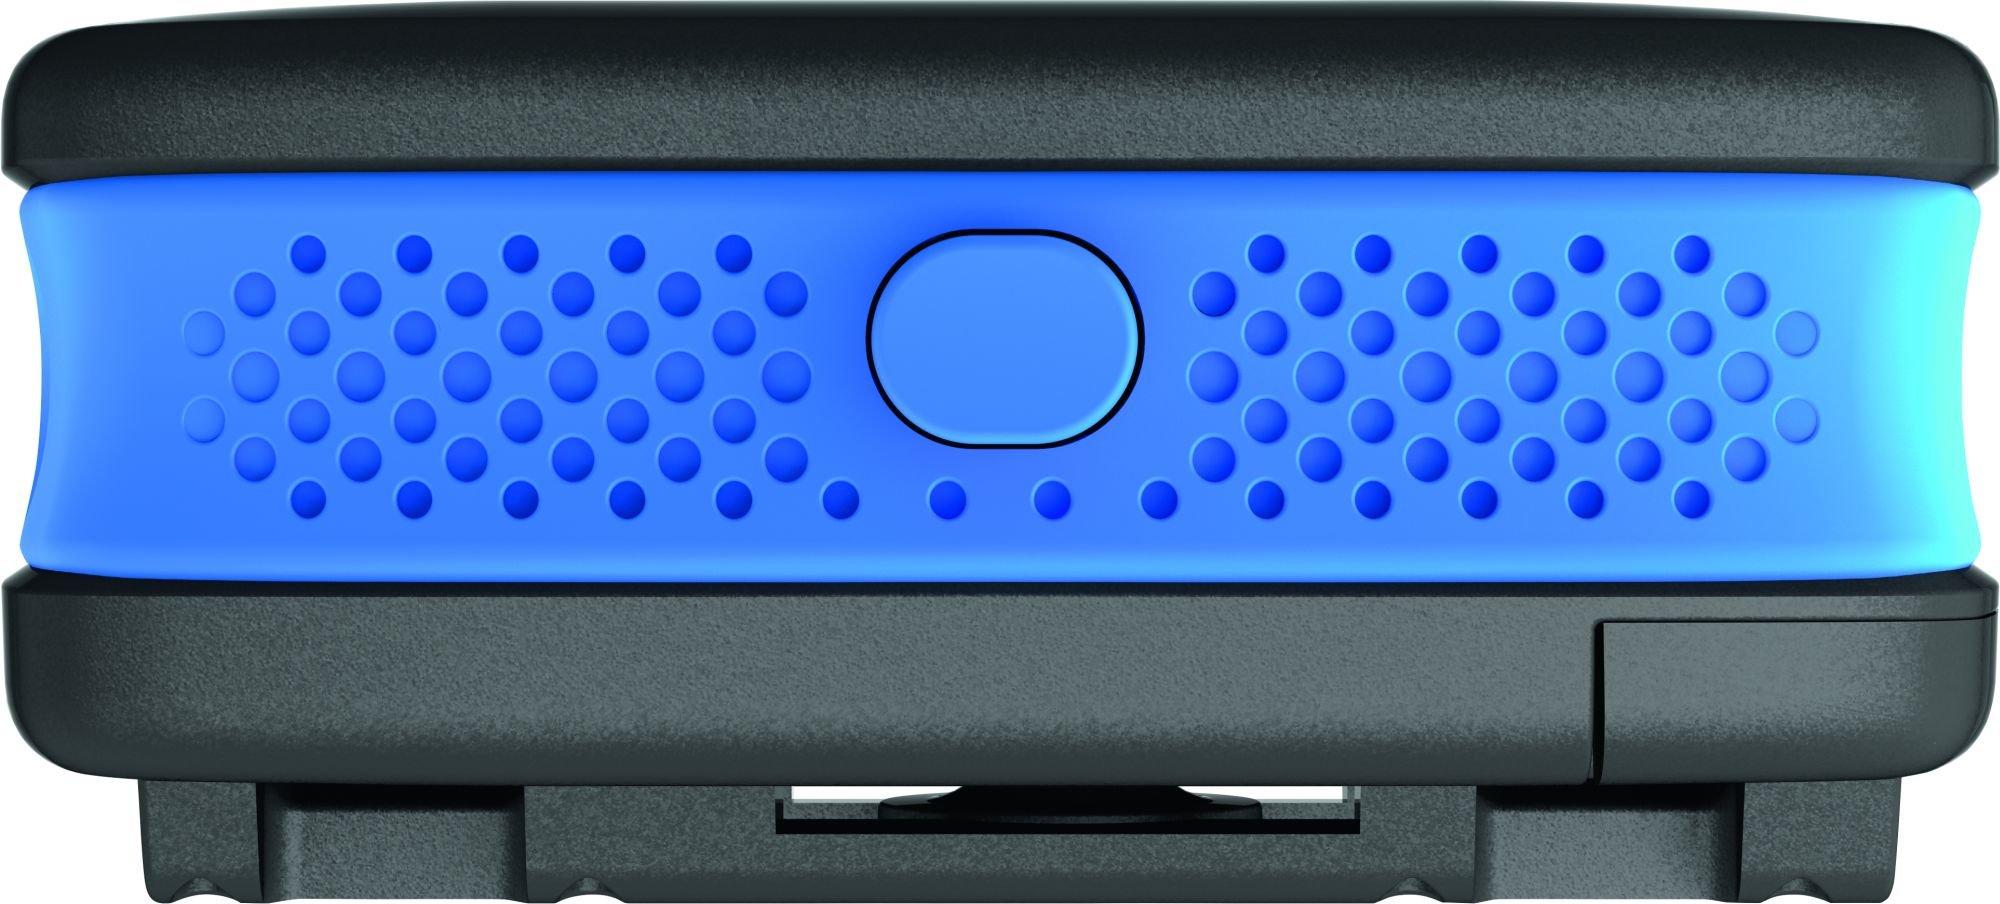 Image of Abus serratura scatola di allarme nero